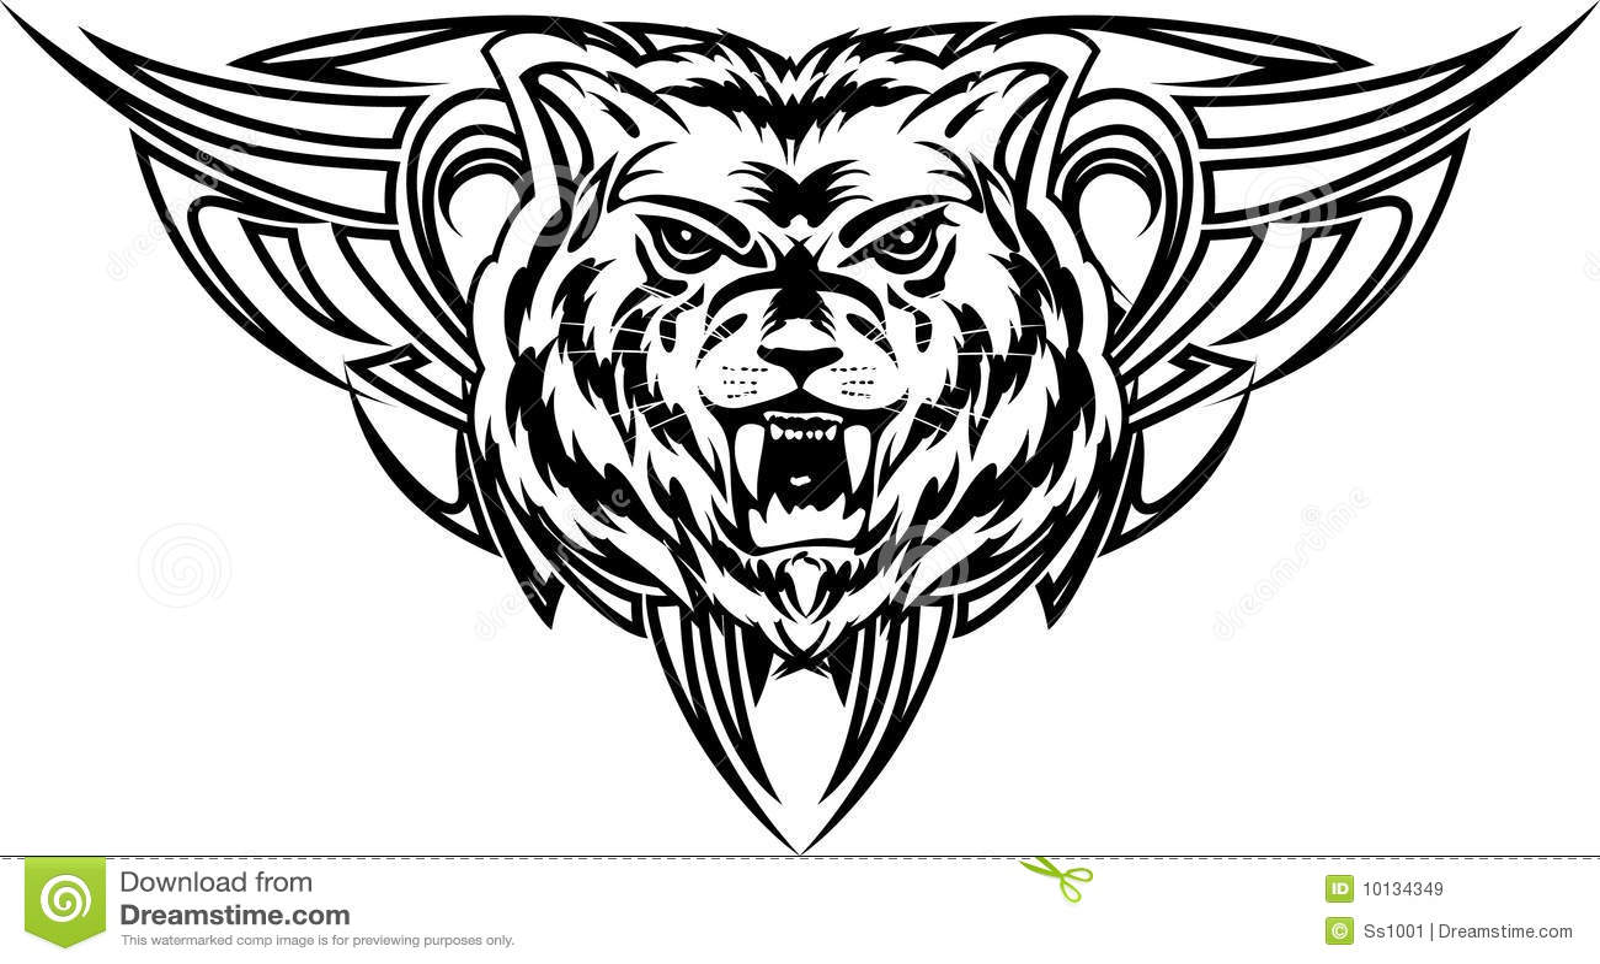 Dezign de tatouage de loup images libres de droits image 10134349 - Tatouage de loup ...